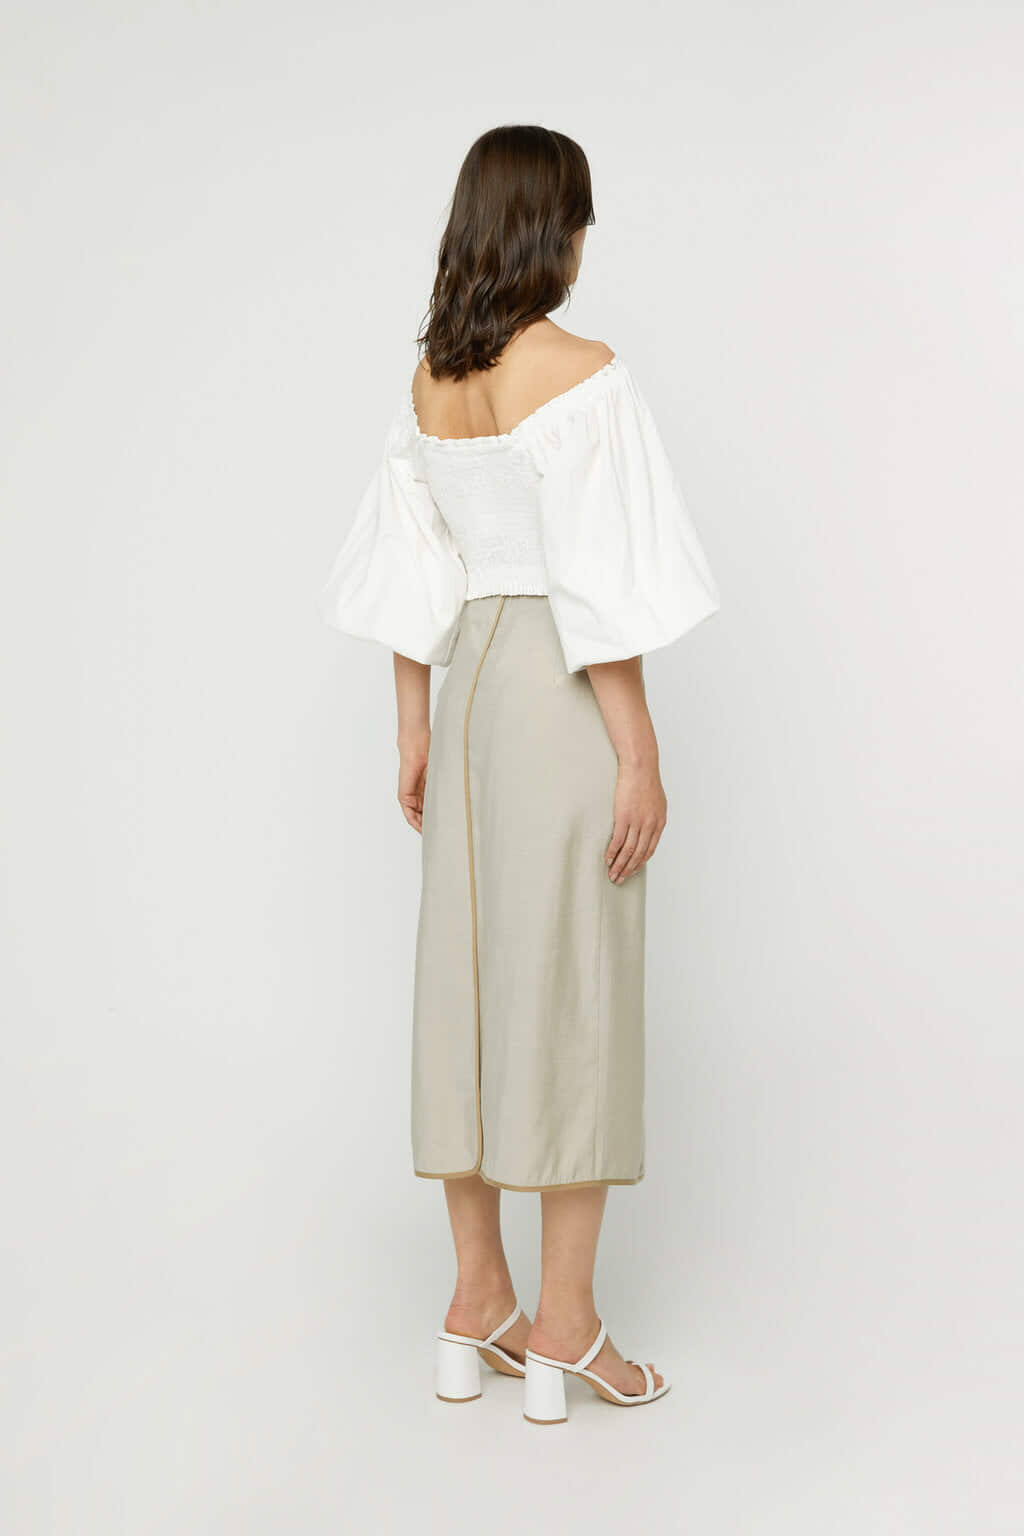 Skirt K024 Beige 4